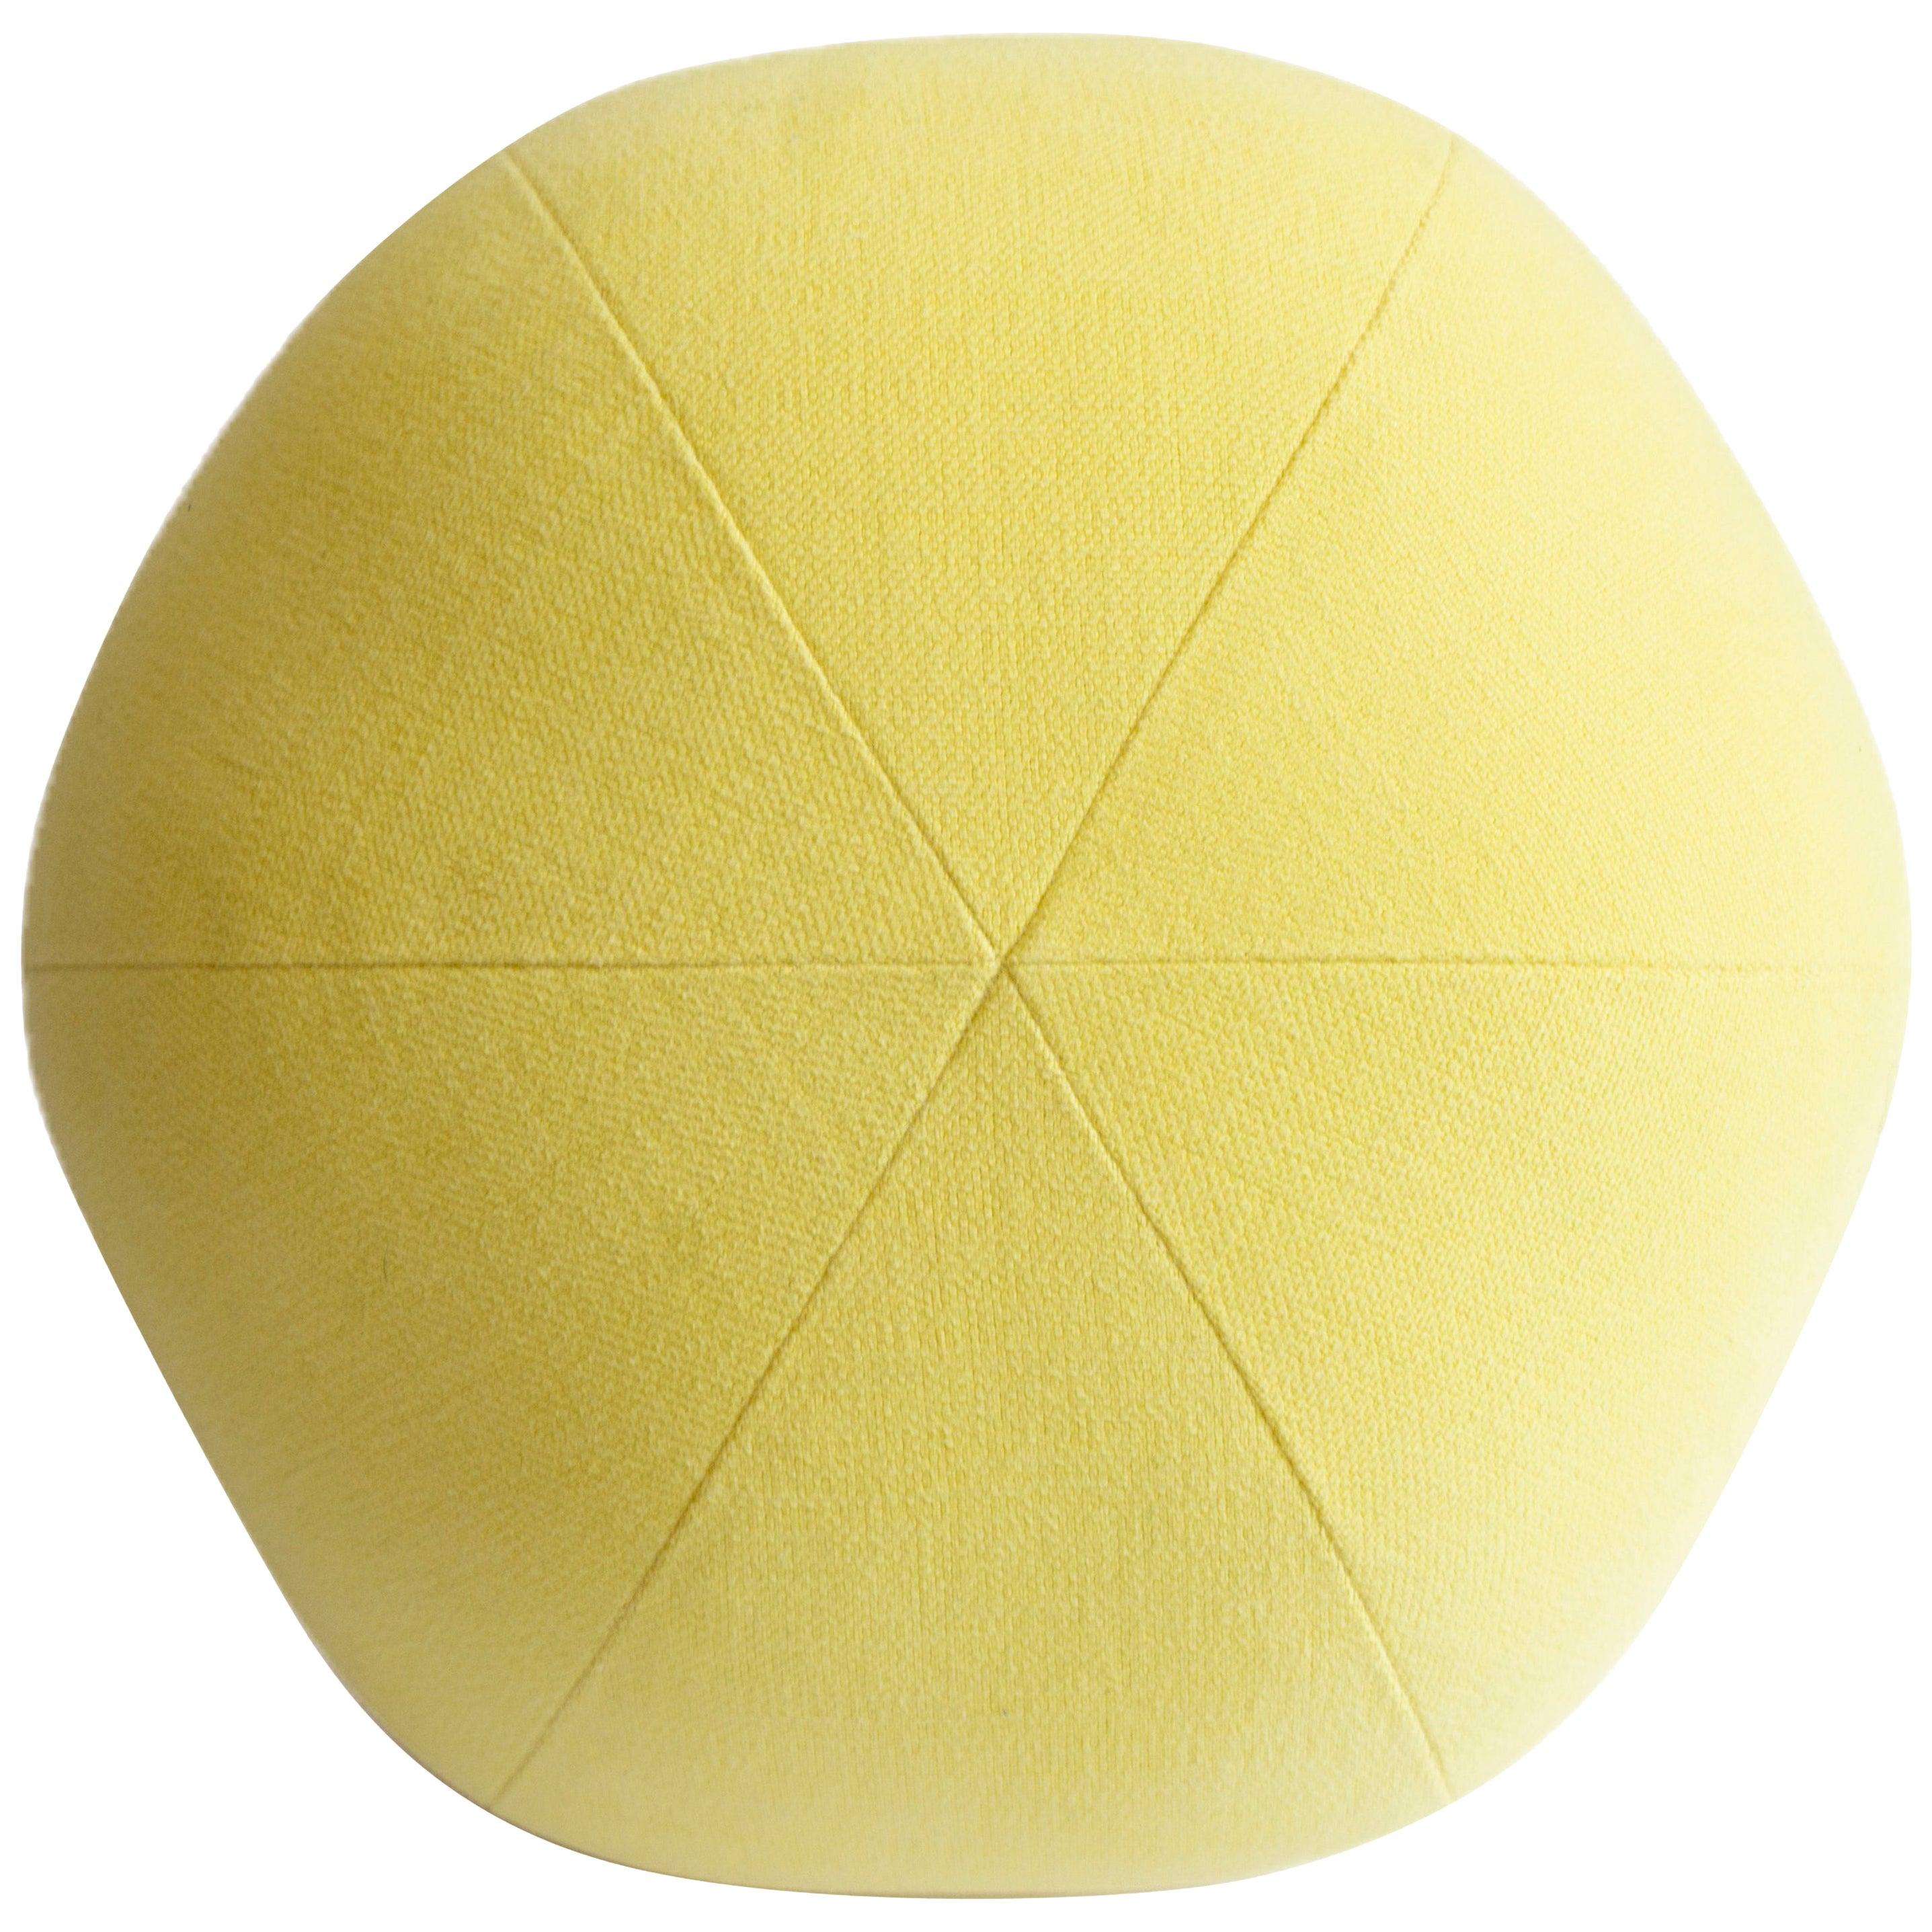 Yellow Round Ball Throw Pillow